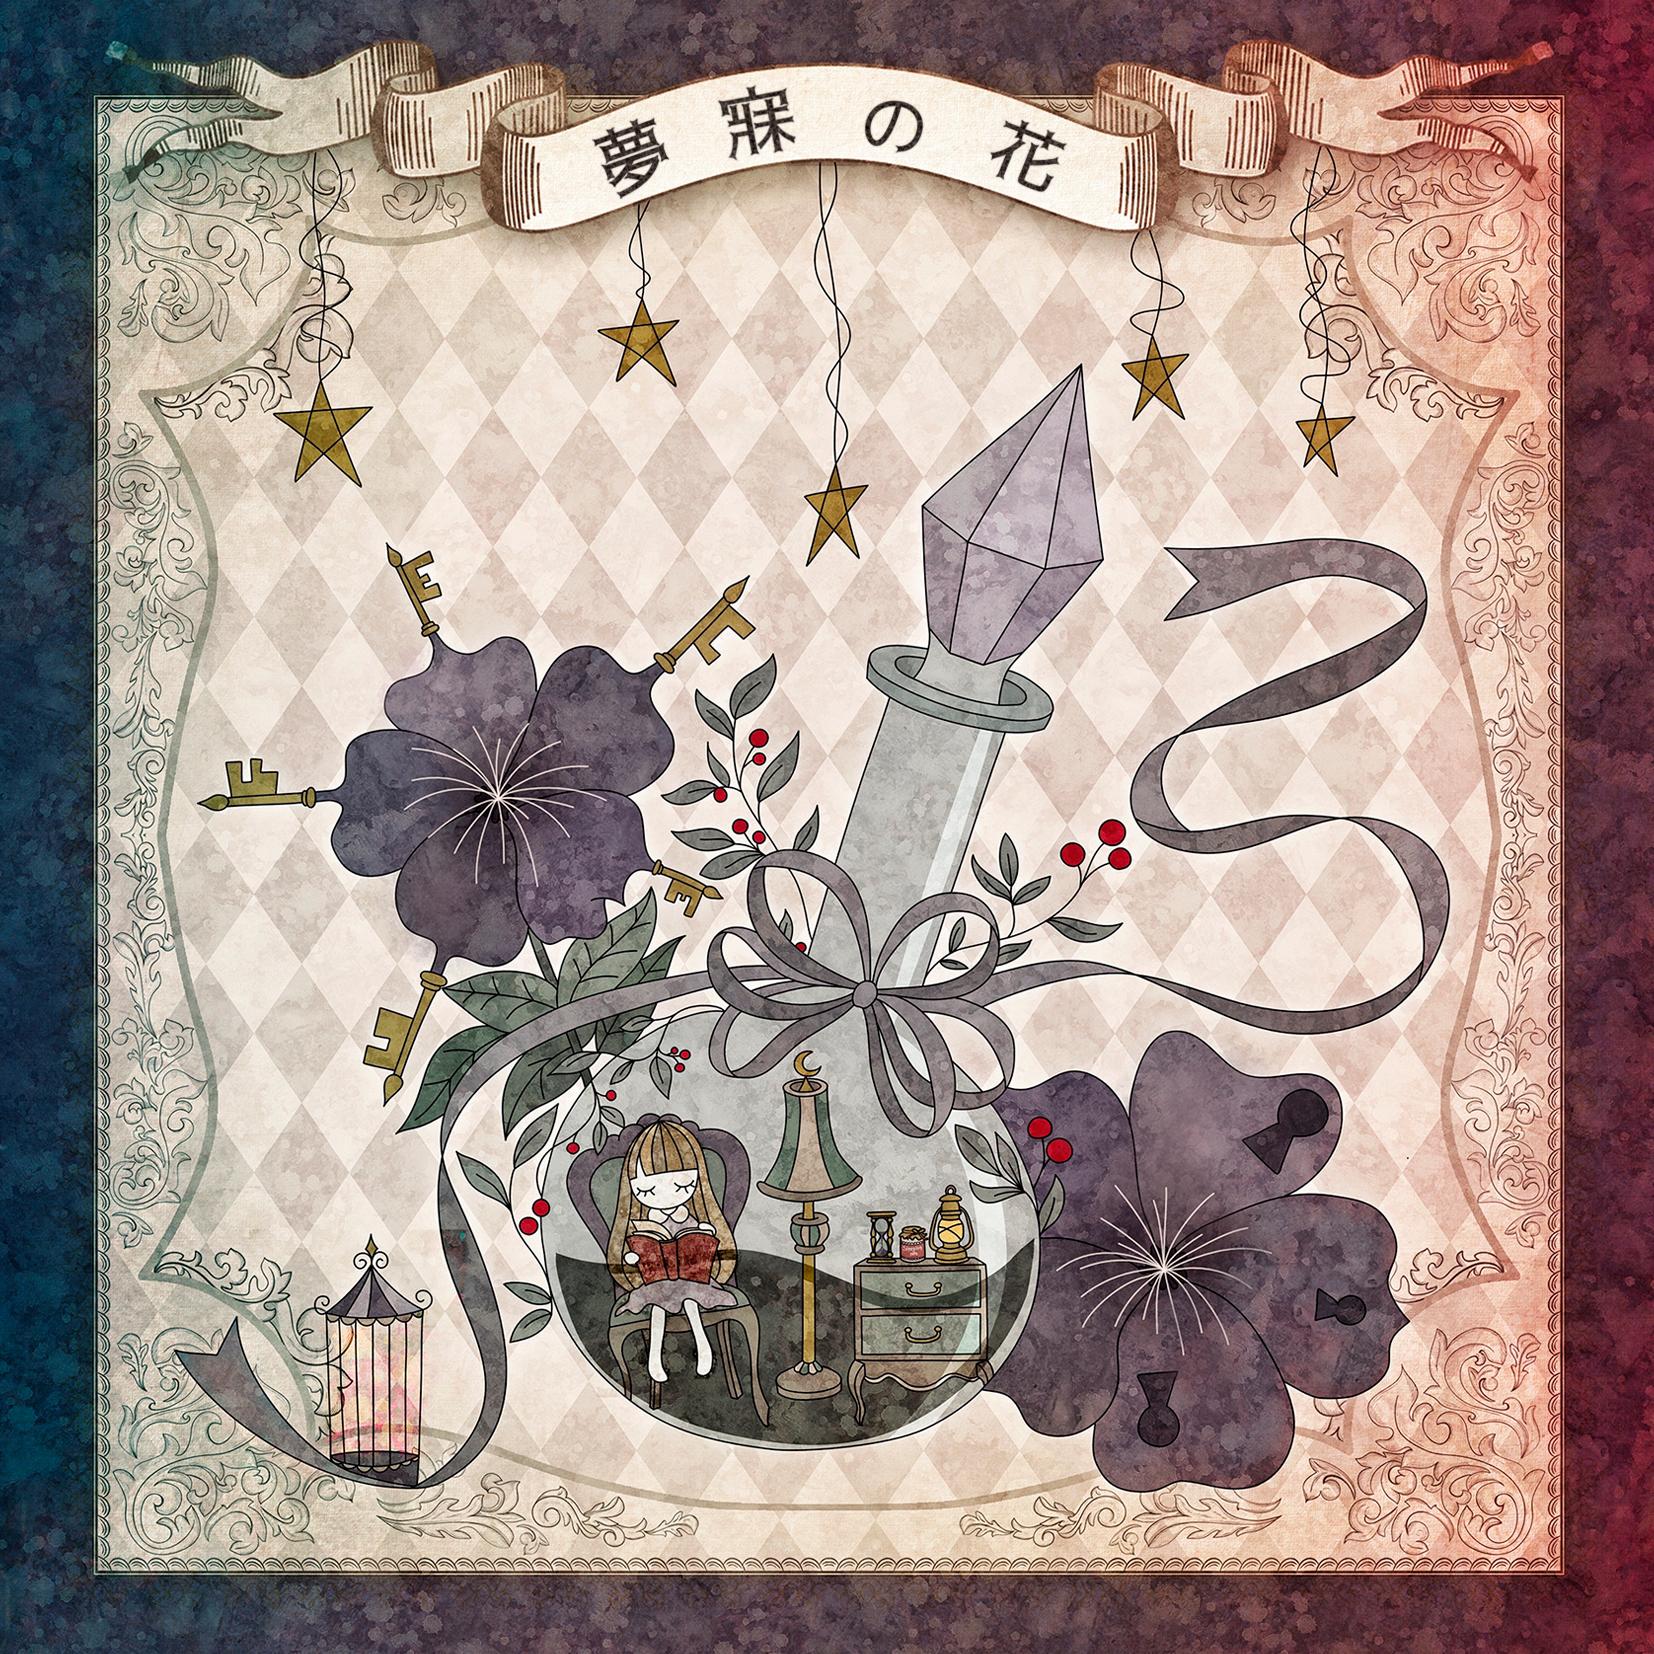 2nd full album「夢寐の花」(むびのはな)